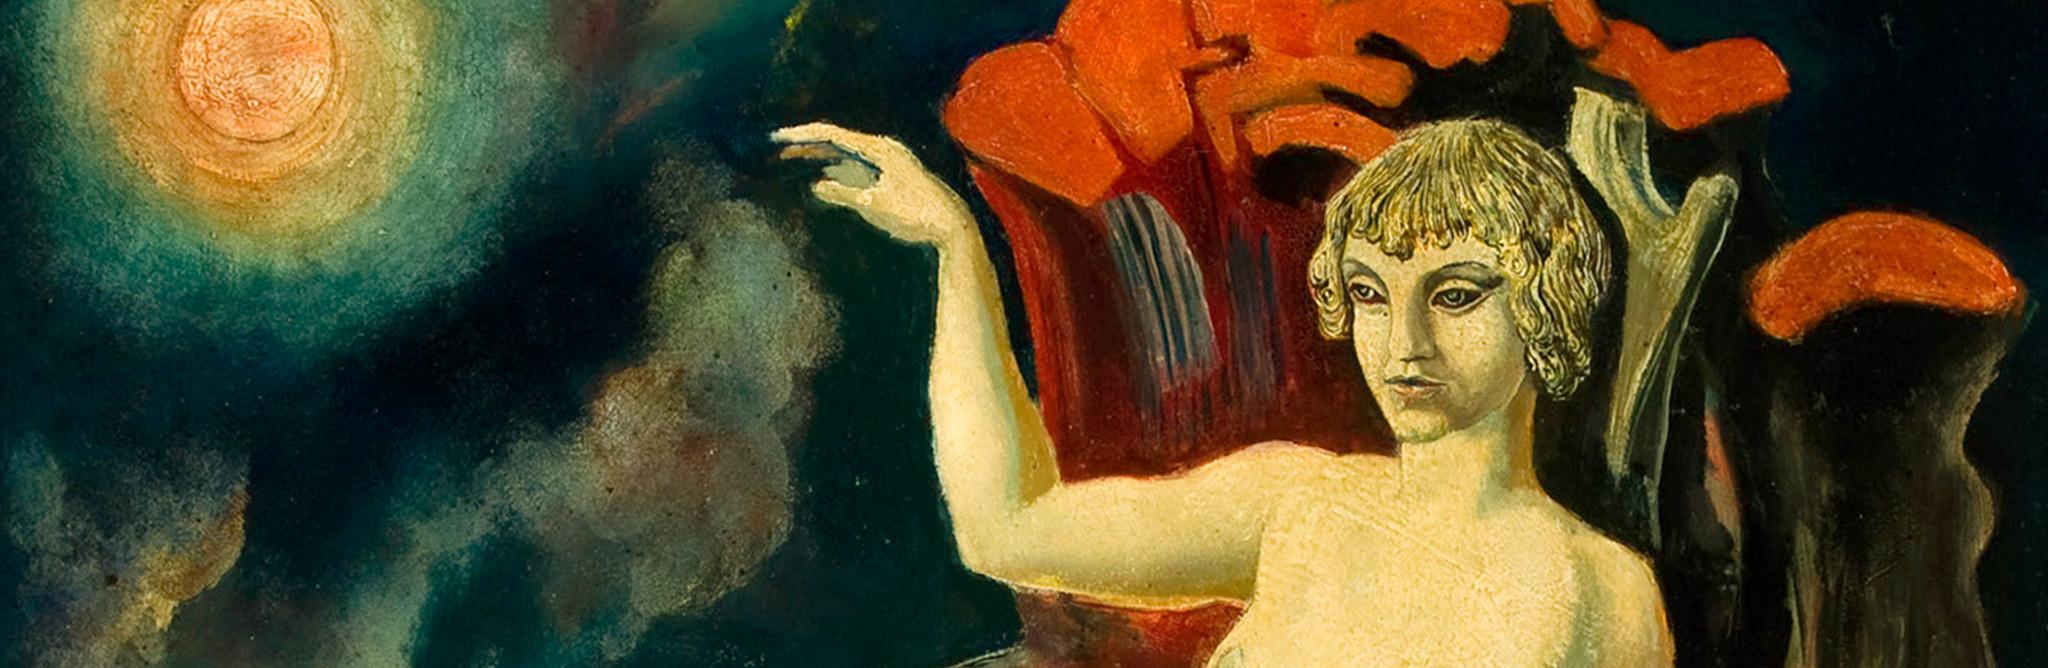 Ernst Ludwig Kirchner, Liegender Akt